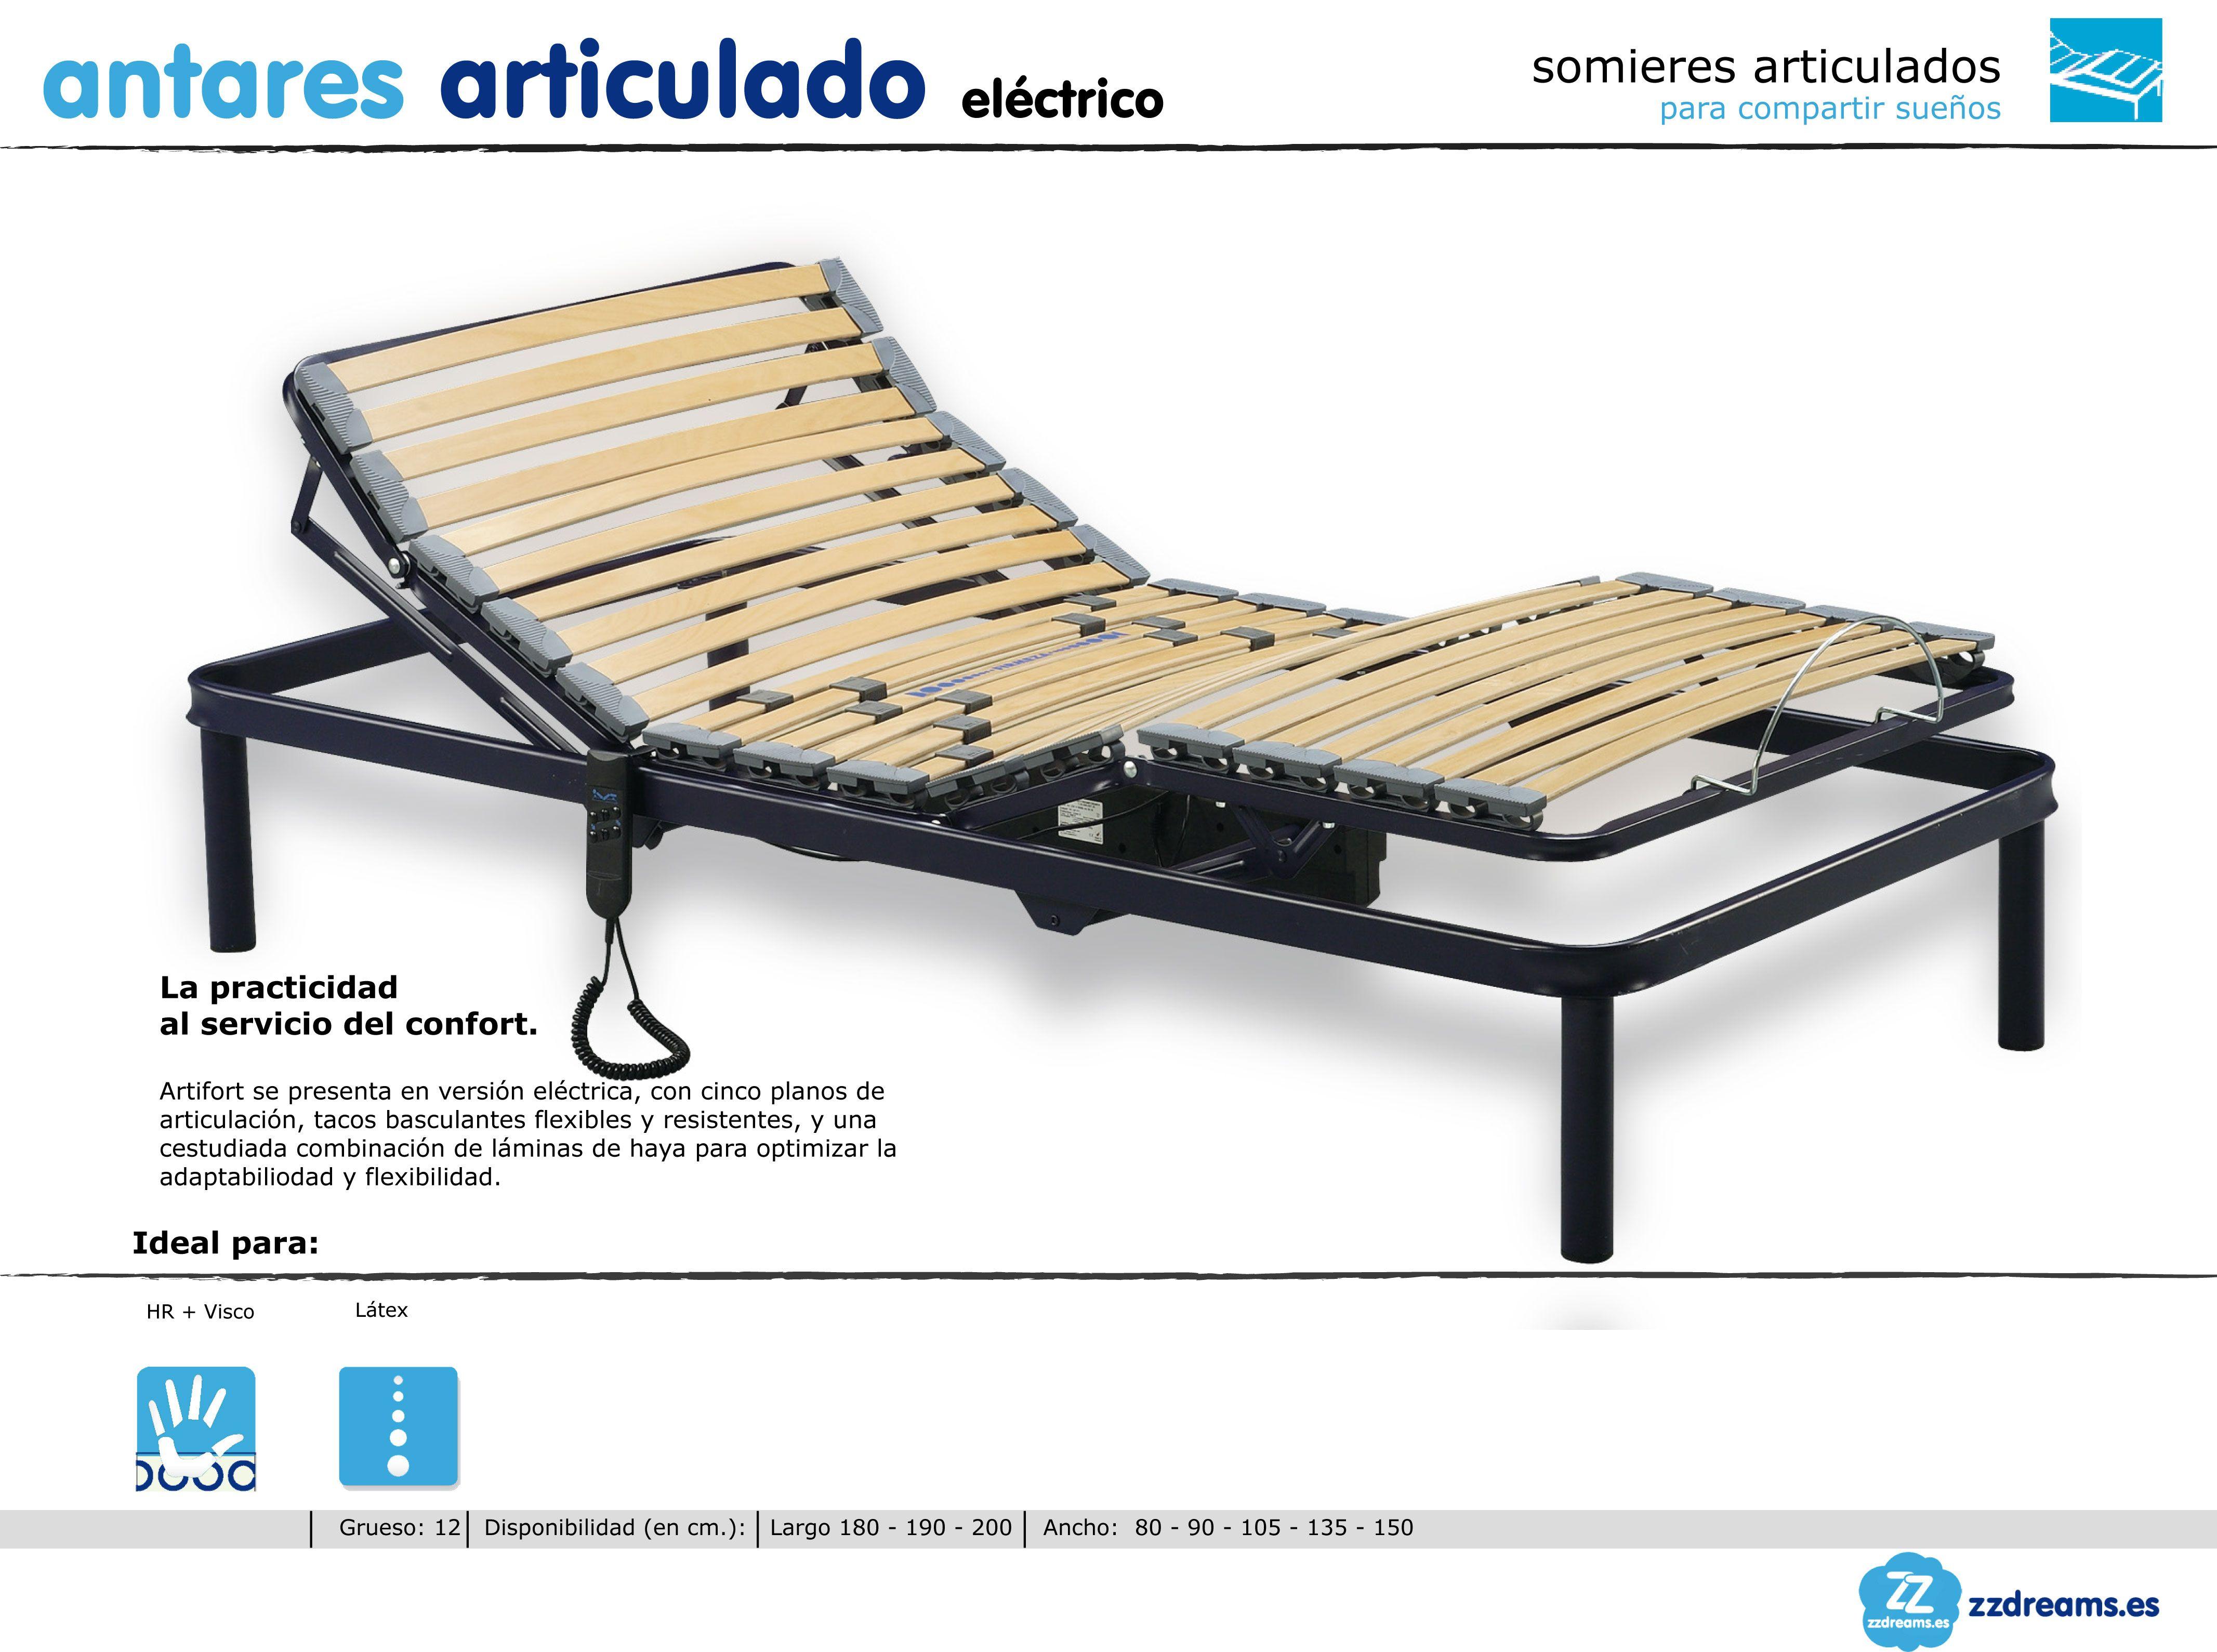 Somier articulado eléctrico Antares | Somieres y camas articuladas ...